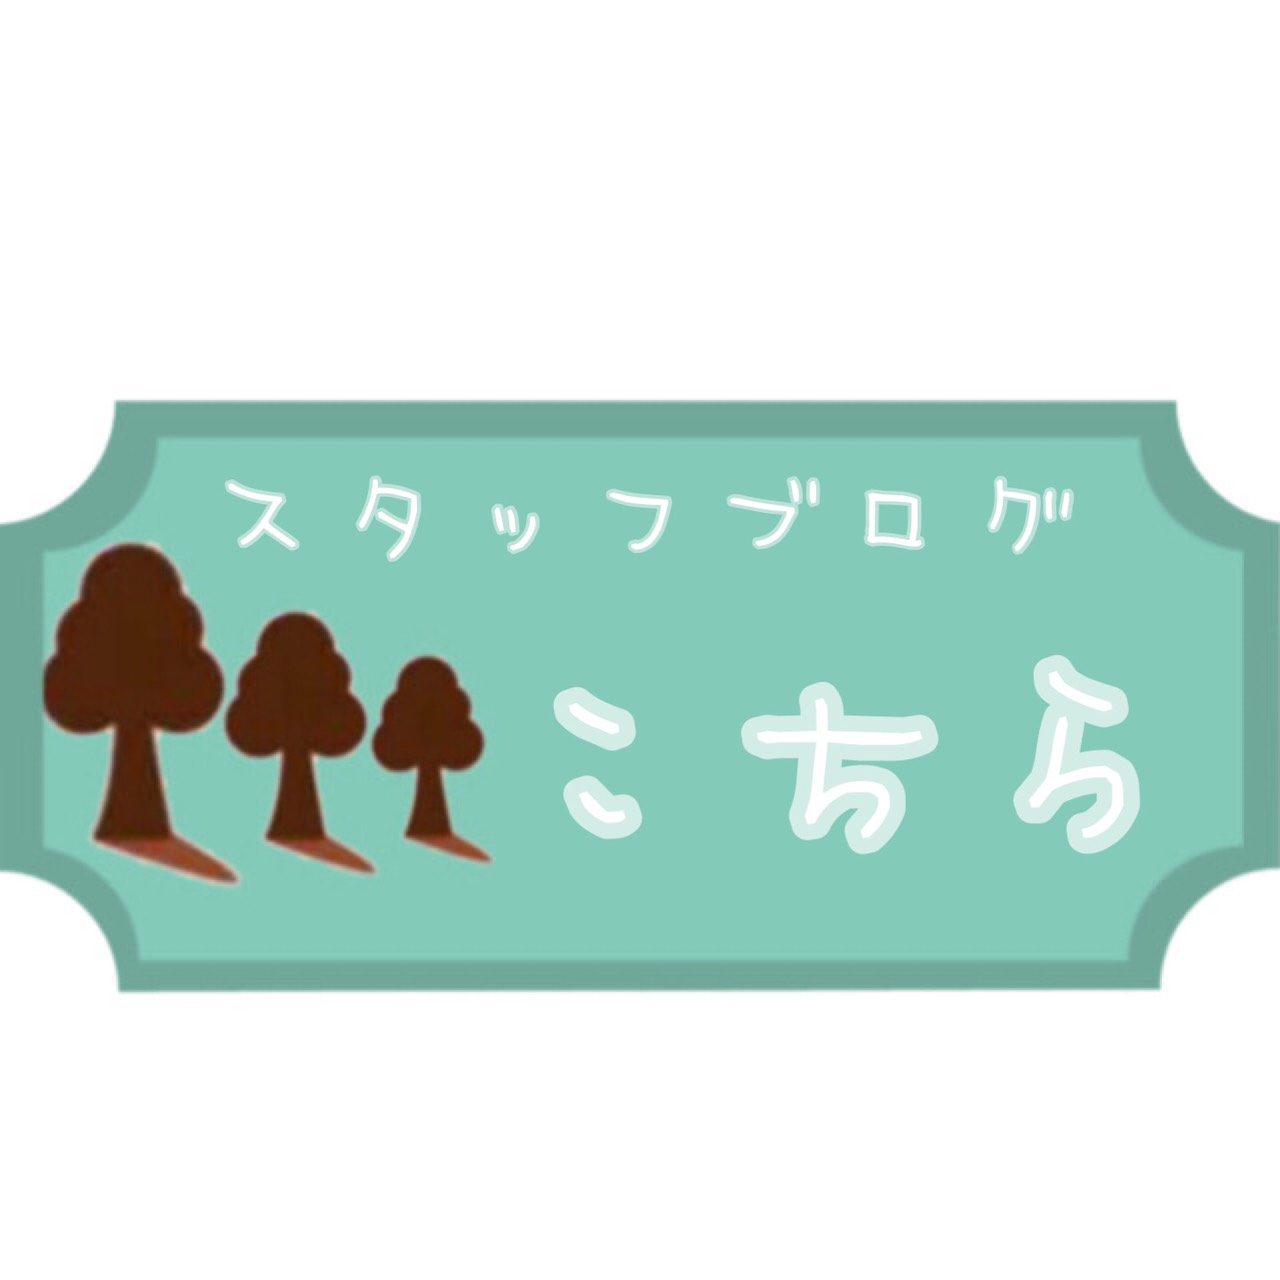 アロマフォーレ代々木新宿店ブログはこちら